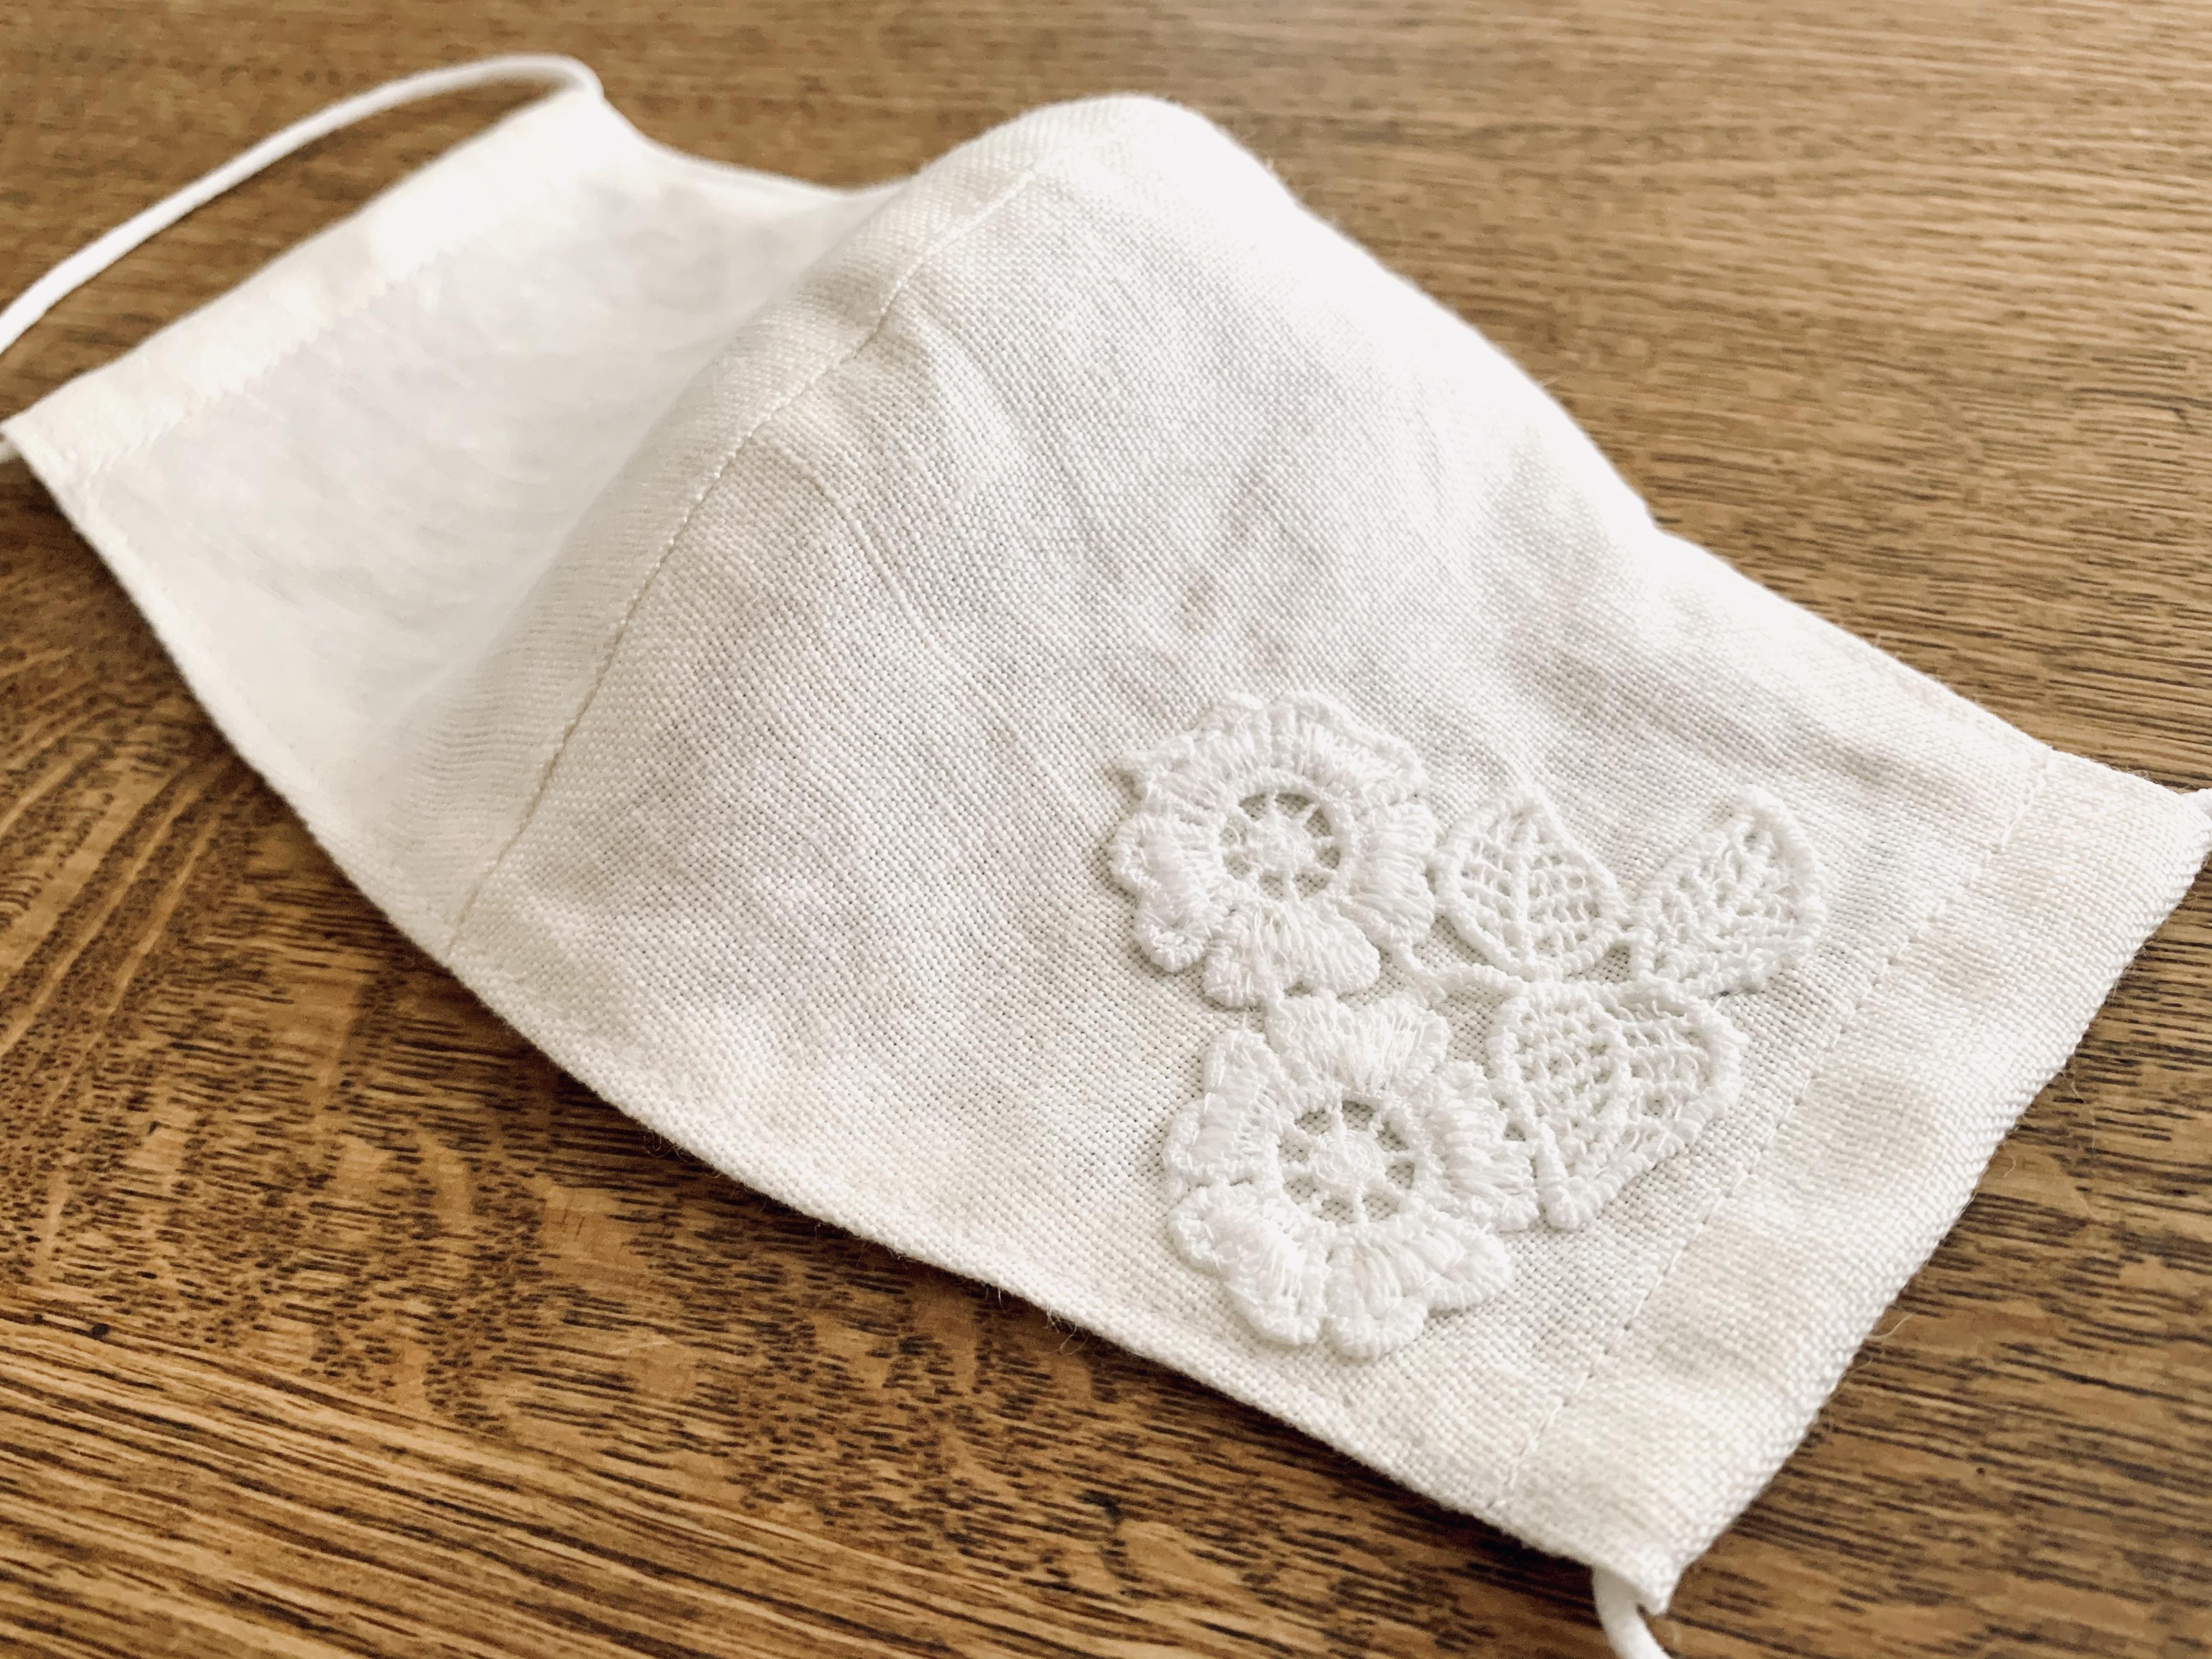 大人のレースマスク② side lace twinflower